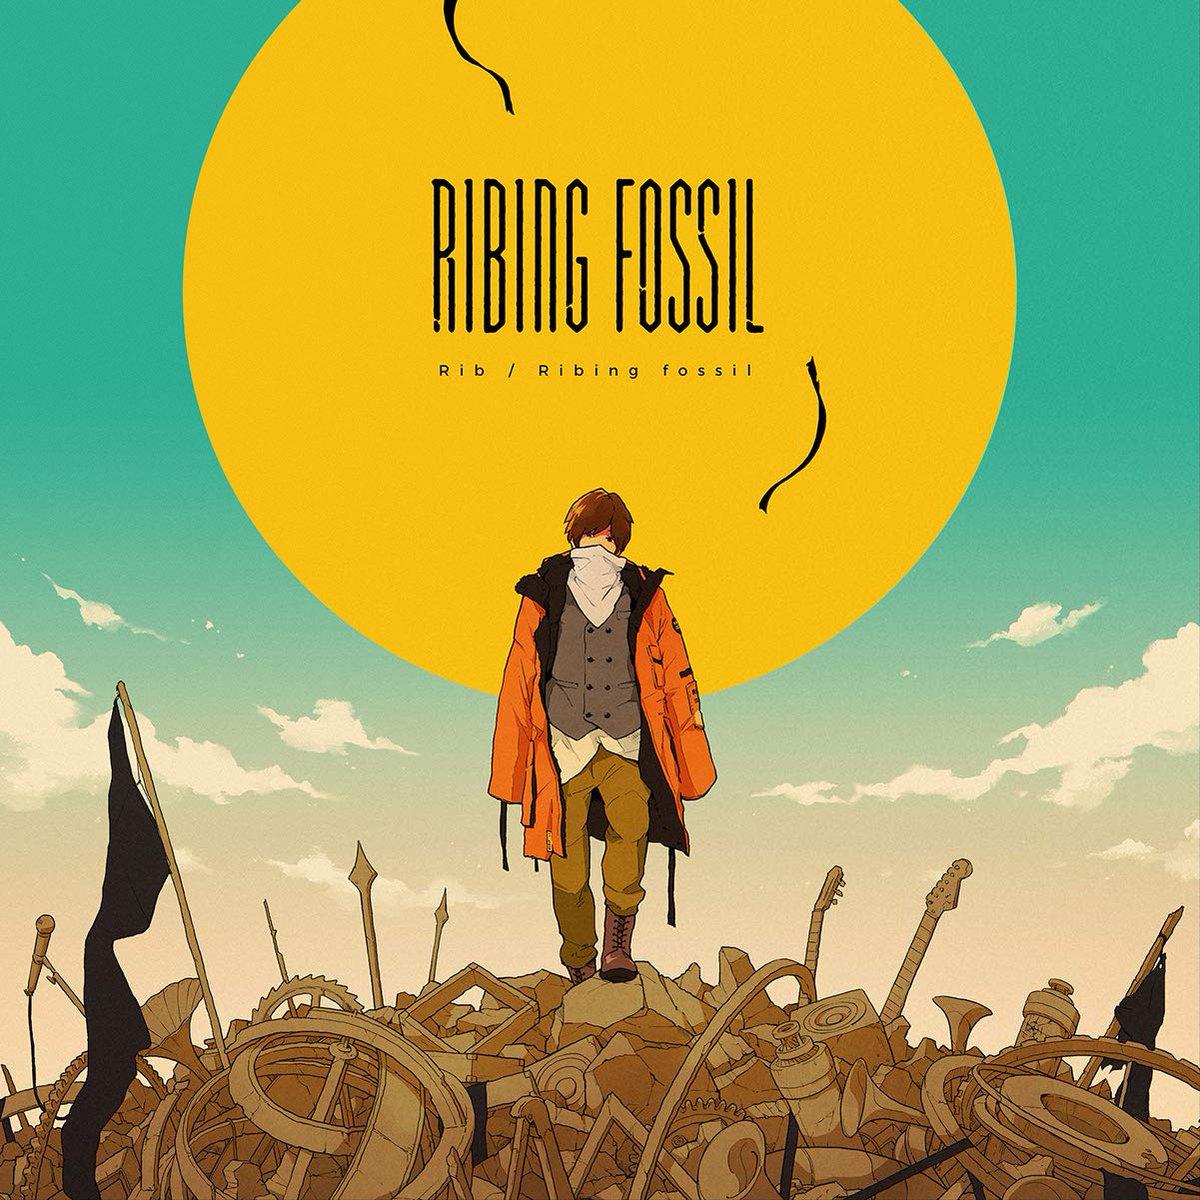 『りぶ - 生命の名前』収録の『Ribing fossil』ジャケット